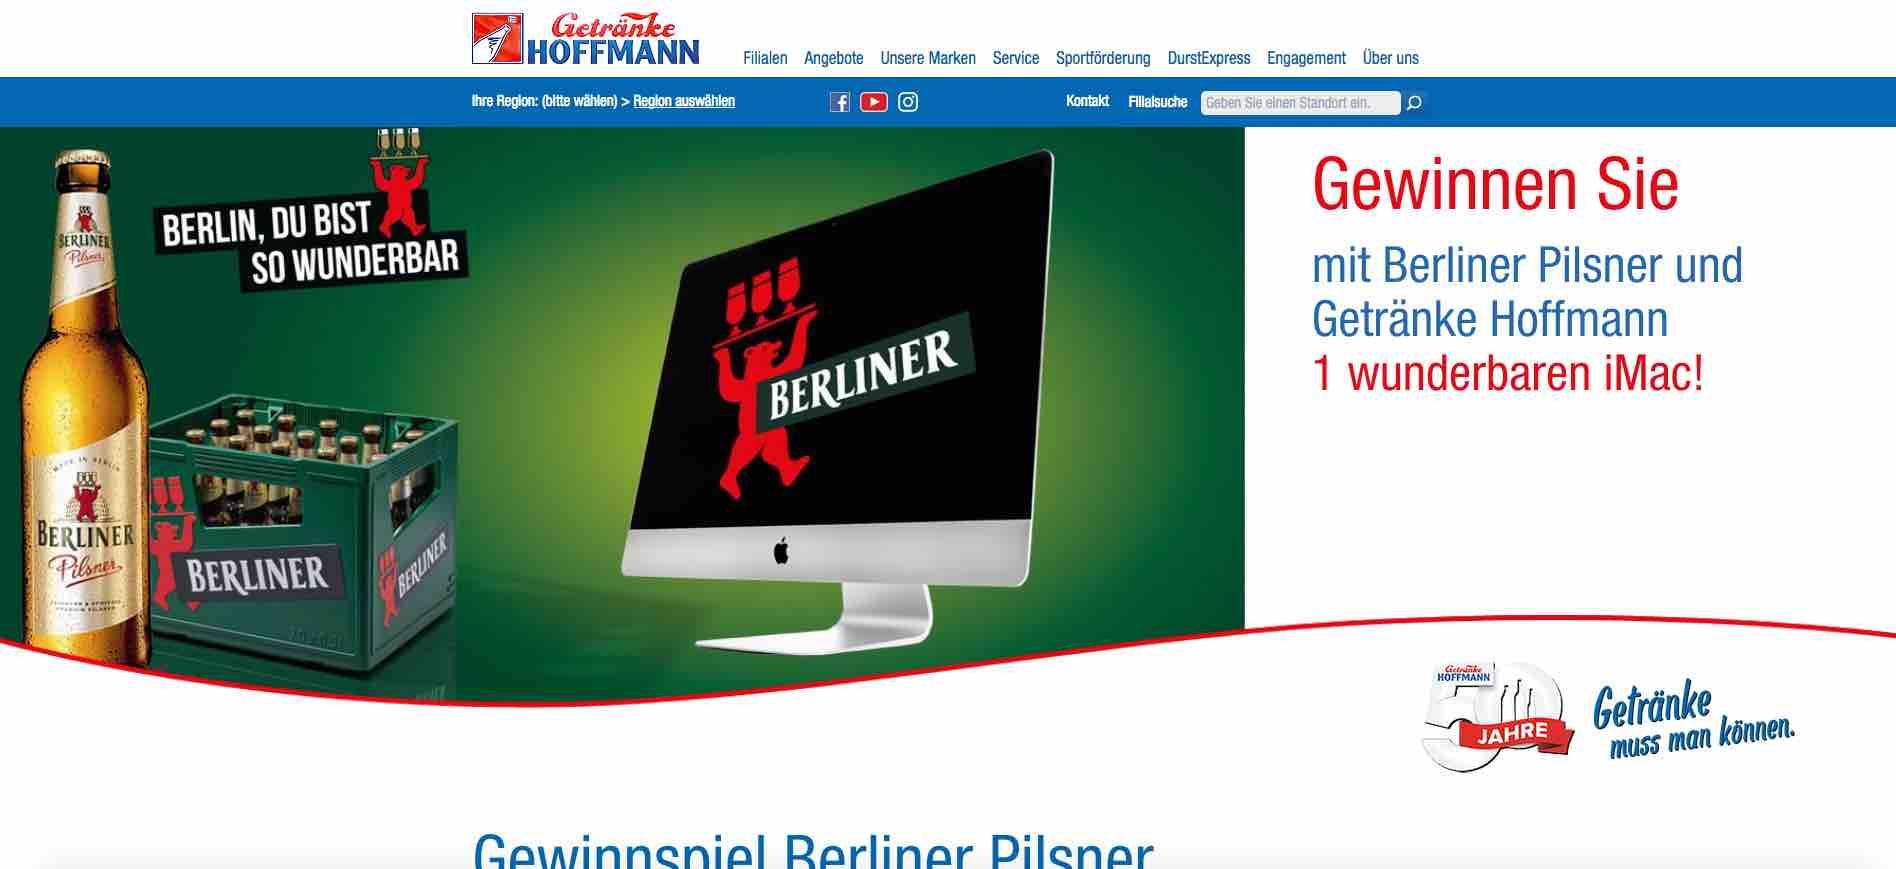 iMac Verlosung von Getränke Hoffmann und Berliner Pilsner